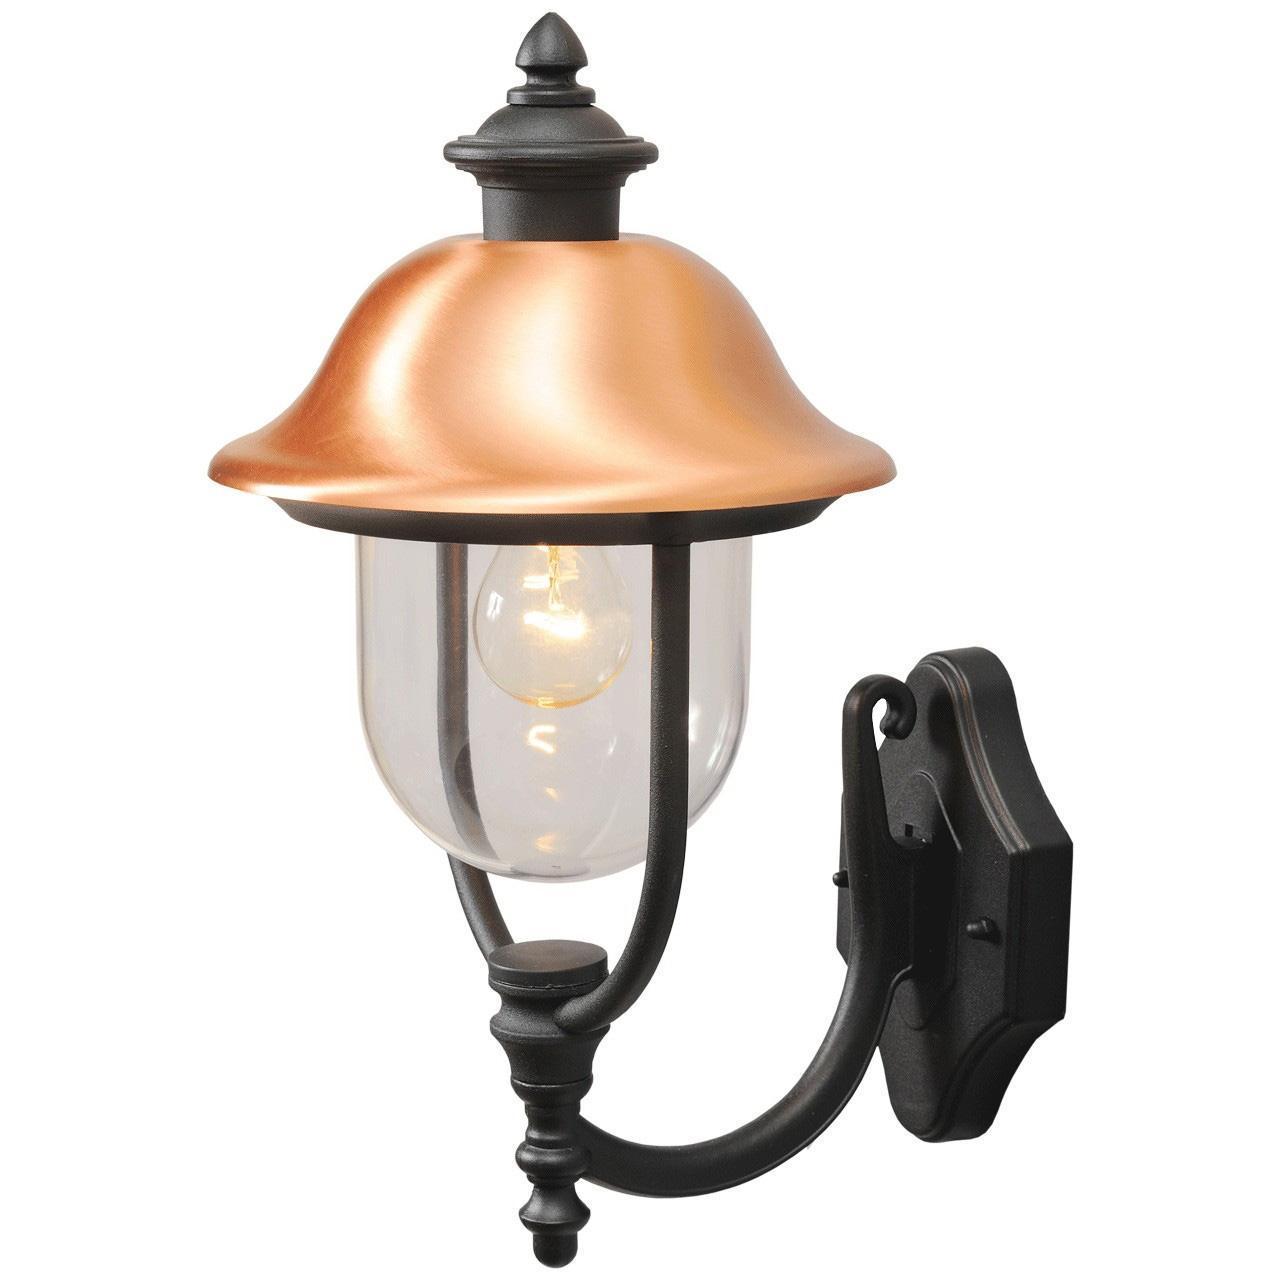 Уличный настенный светильник De Markt Дубай 805020101 светильник на штанге mw light дубай 805020101